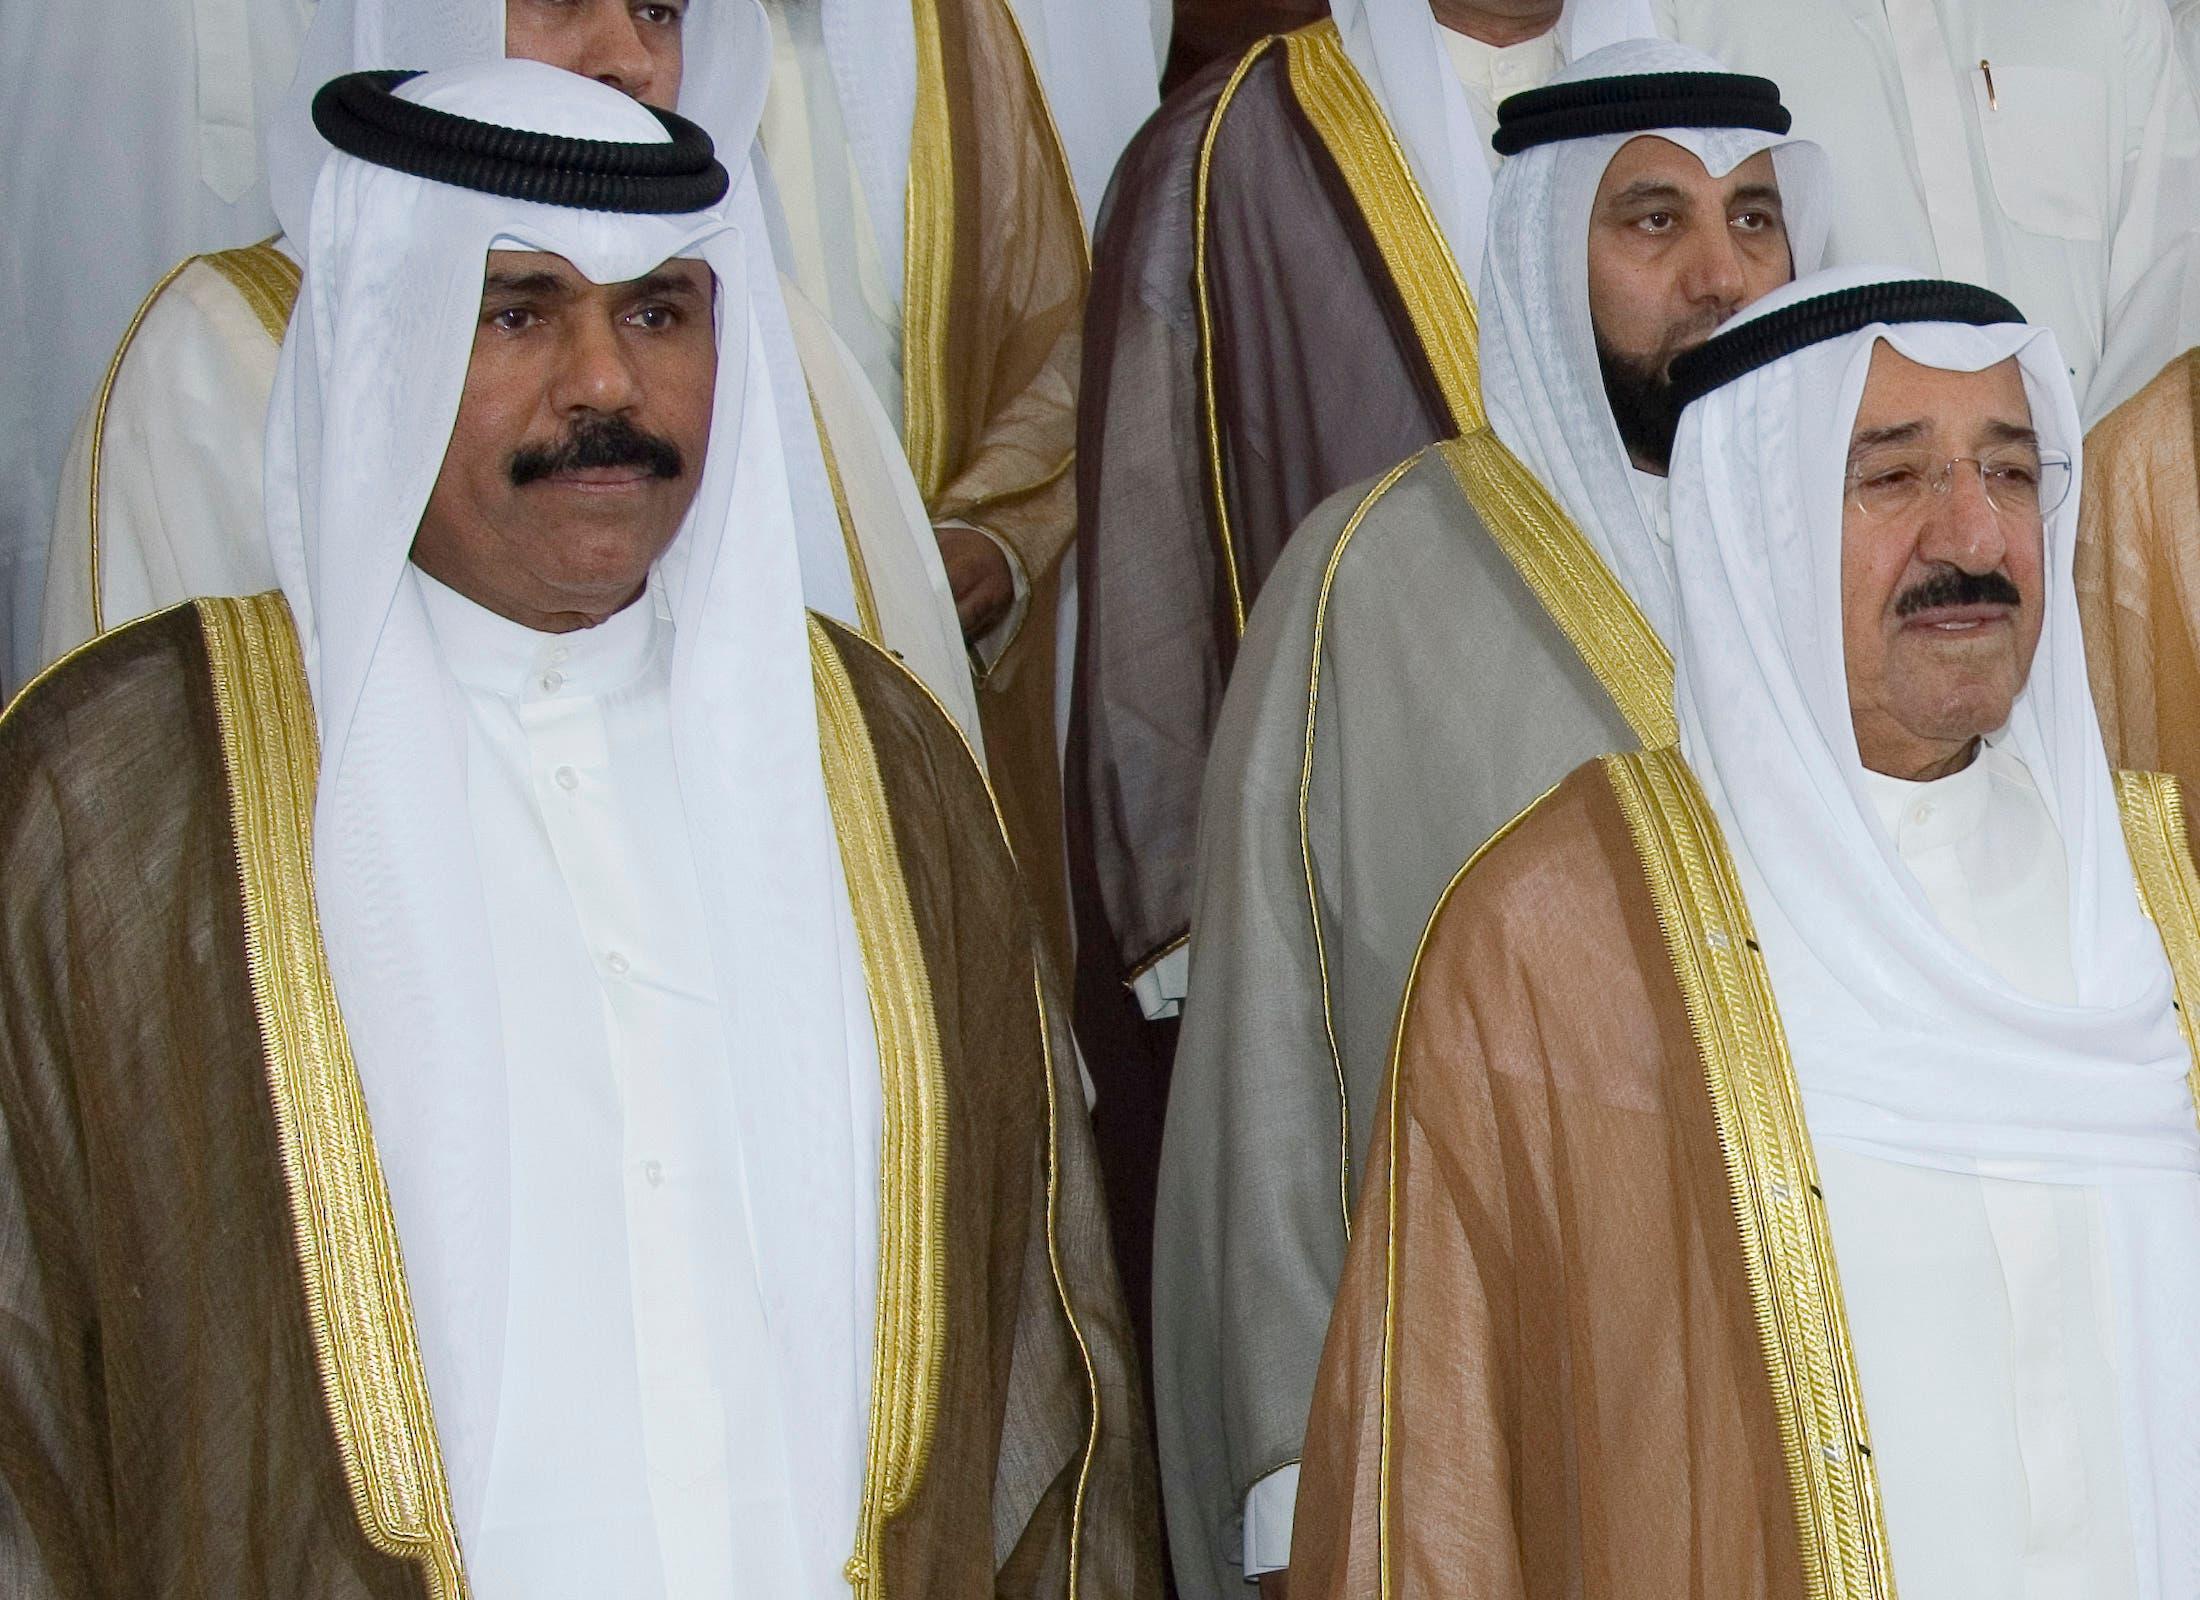 """""""وول ستريت جورنال"""": أمير الكويت الجديد لن يرضح للضغوط للتطبيع مع """"إسرائيل"""""""